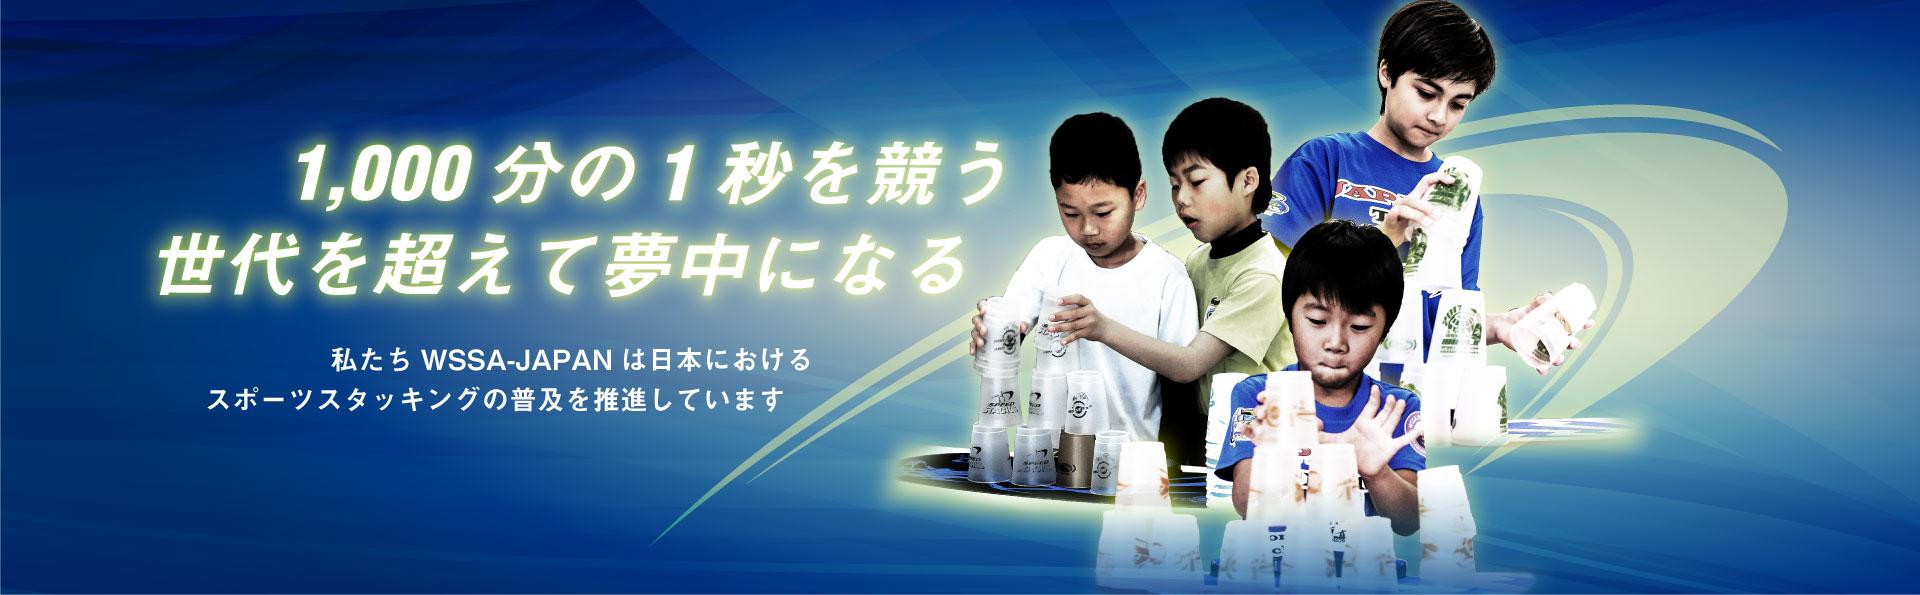 私たちWSSA-JAPANは日本における スポーツスタッキングの普及を推進しています